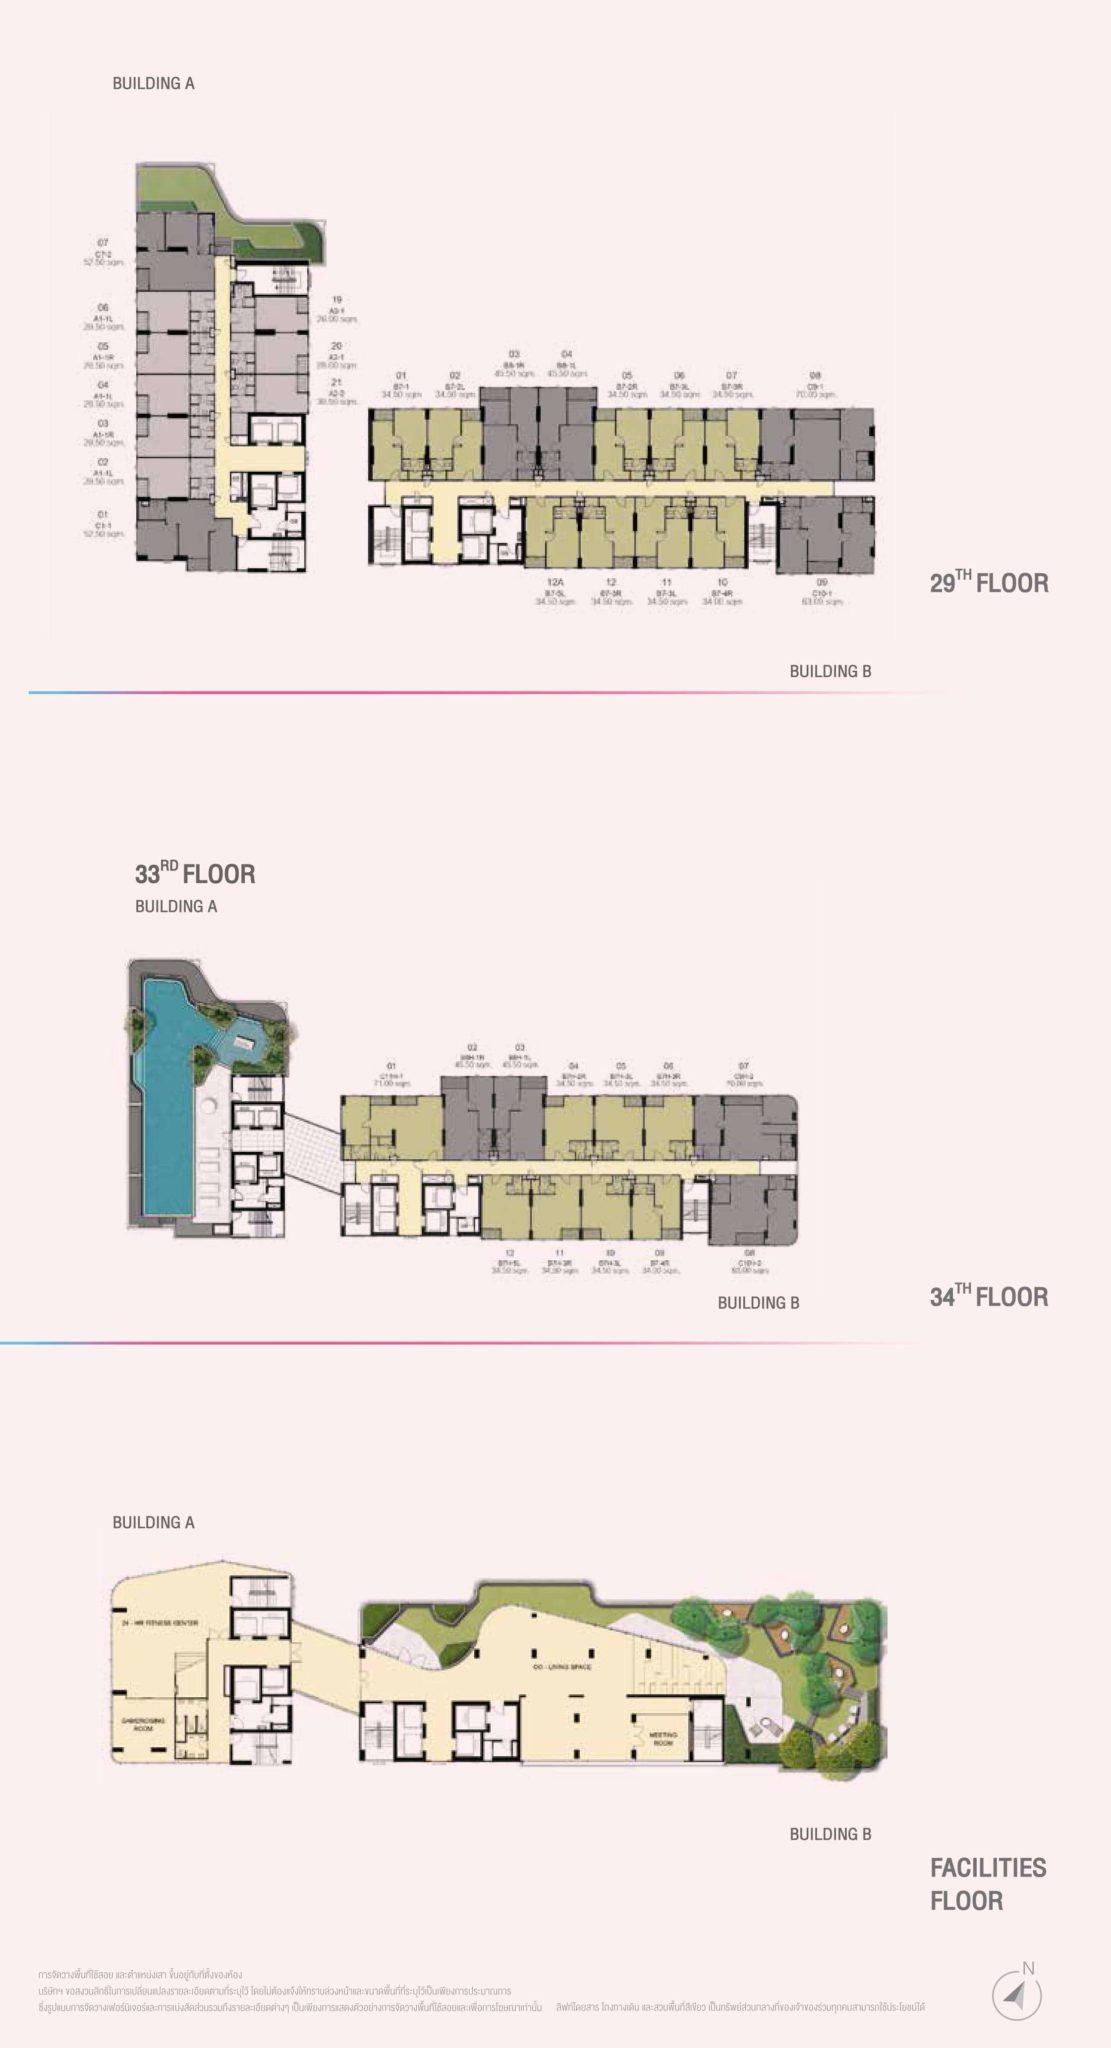 พรีวิว IDEO Chula-Samyan ไอดีโอ จุฬา-สามย่าน เปิดขายโครงการใหม่ 23 พย.นี้ ต่อความสำเร็จจากยานแม่ 28 -